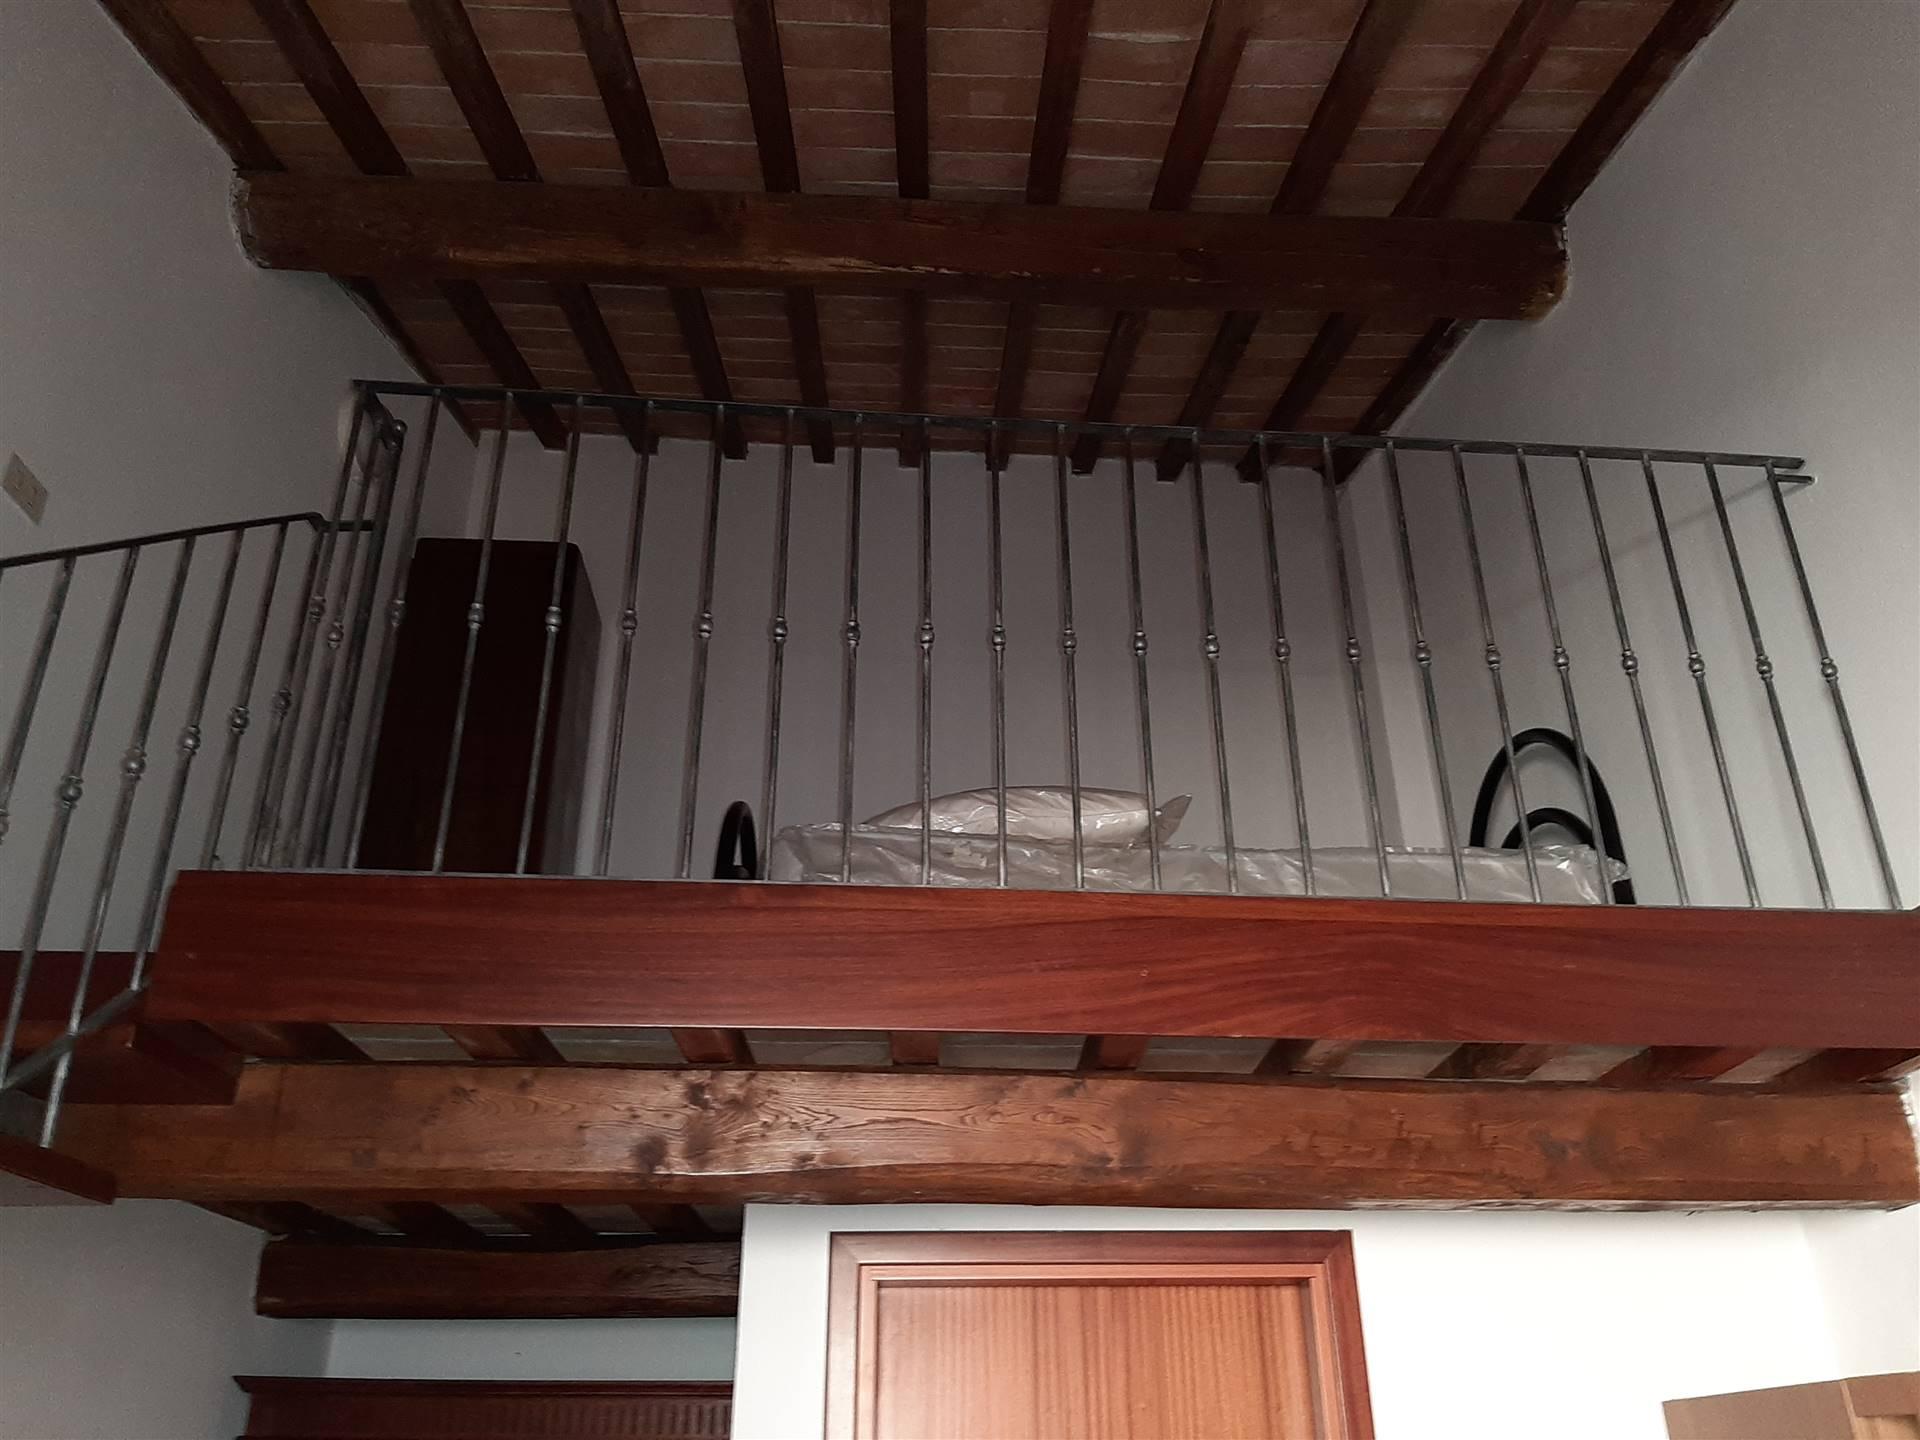 Riferimento 2103GA Pisa in San Martino luminoso e grazioso monolocale con camera in soppalcato .Posto al secondo piano senza ascensore l'immobile si